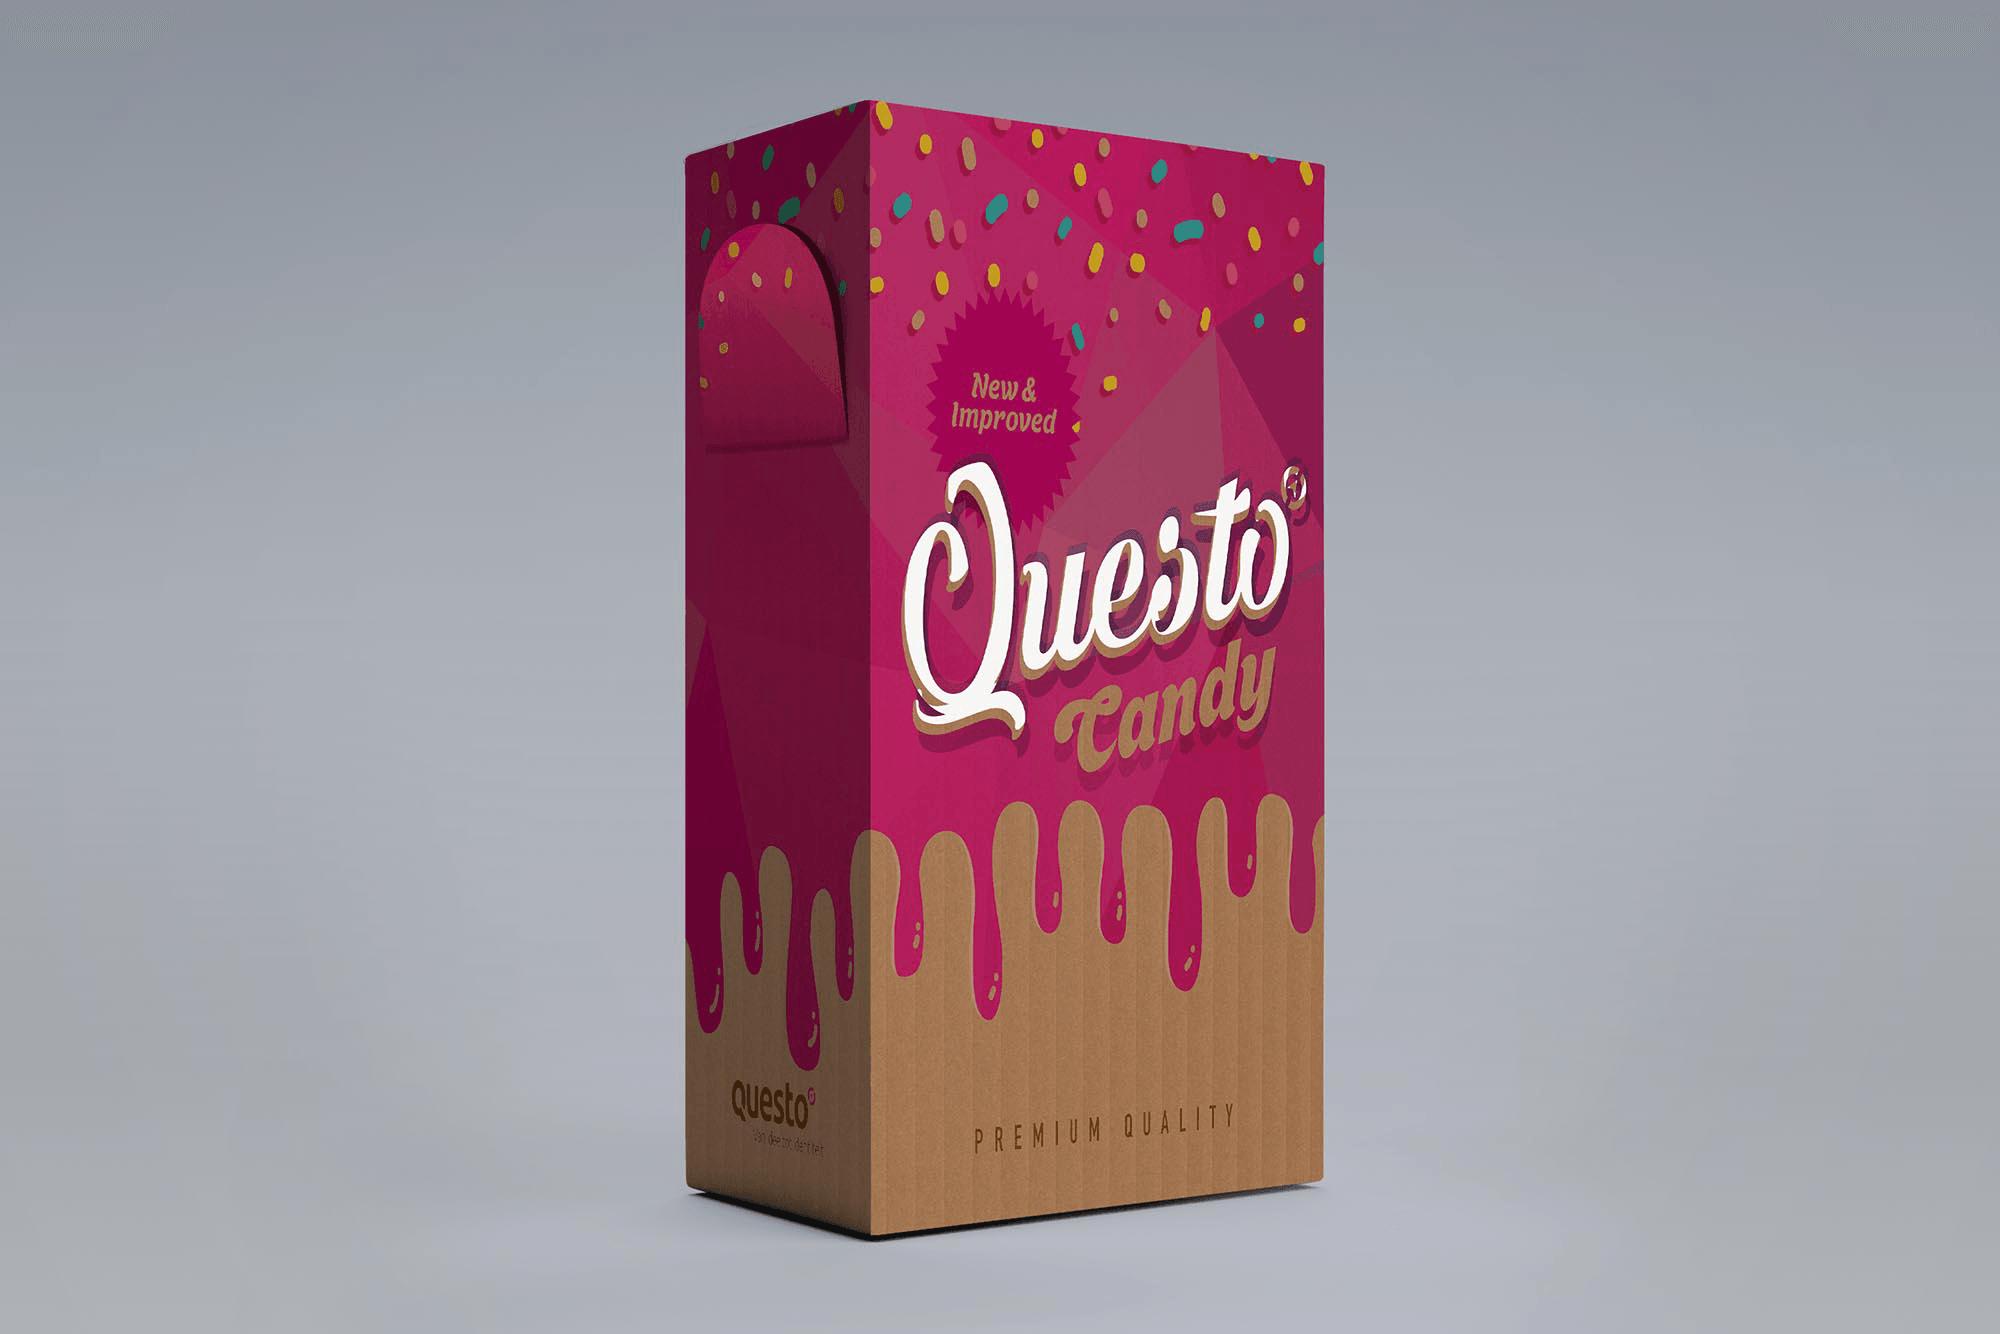 Verpakking Questo Candybox